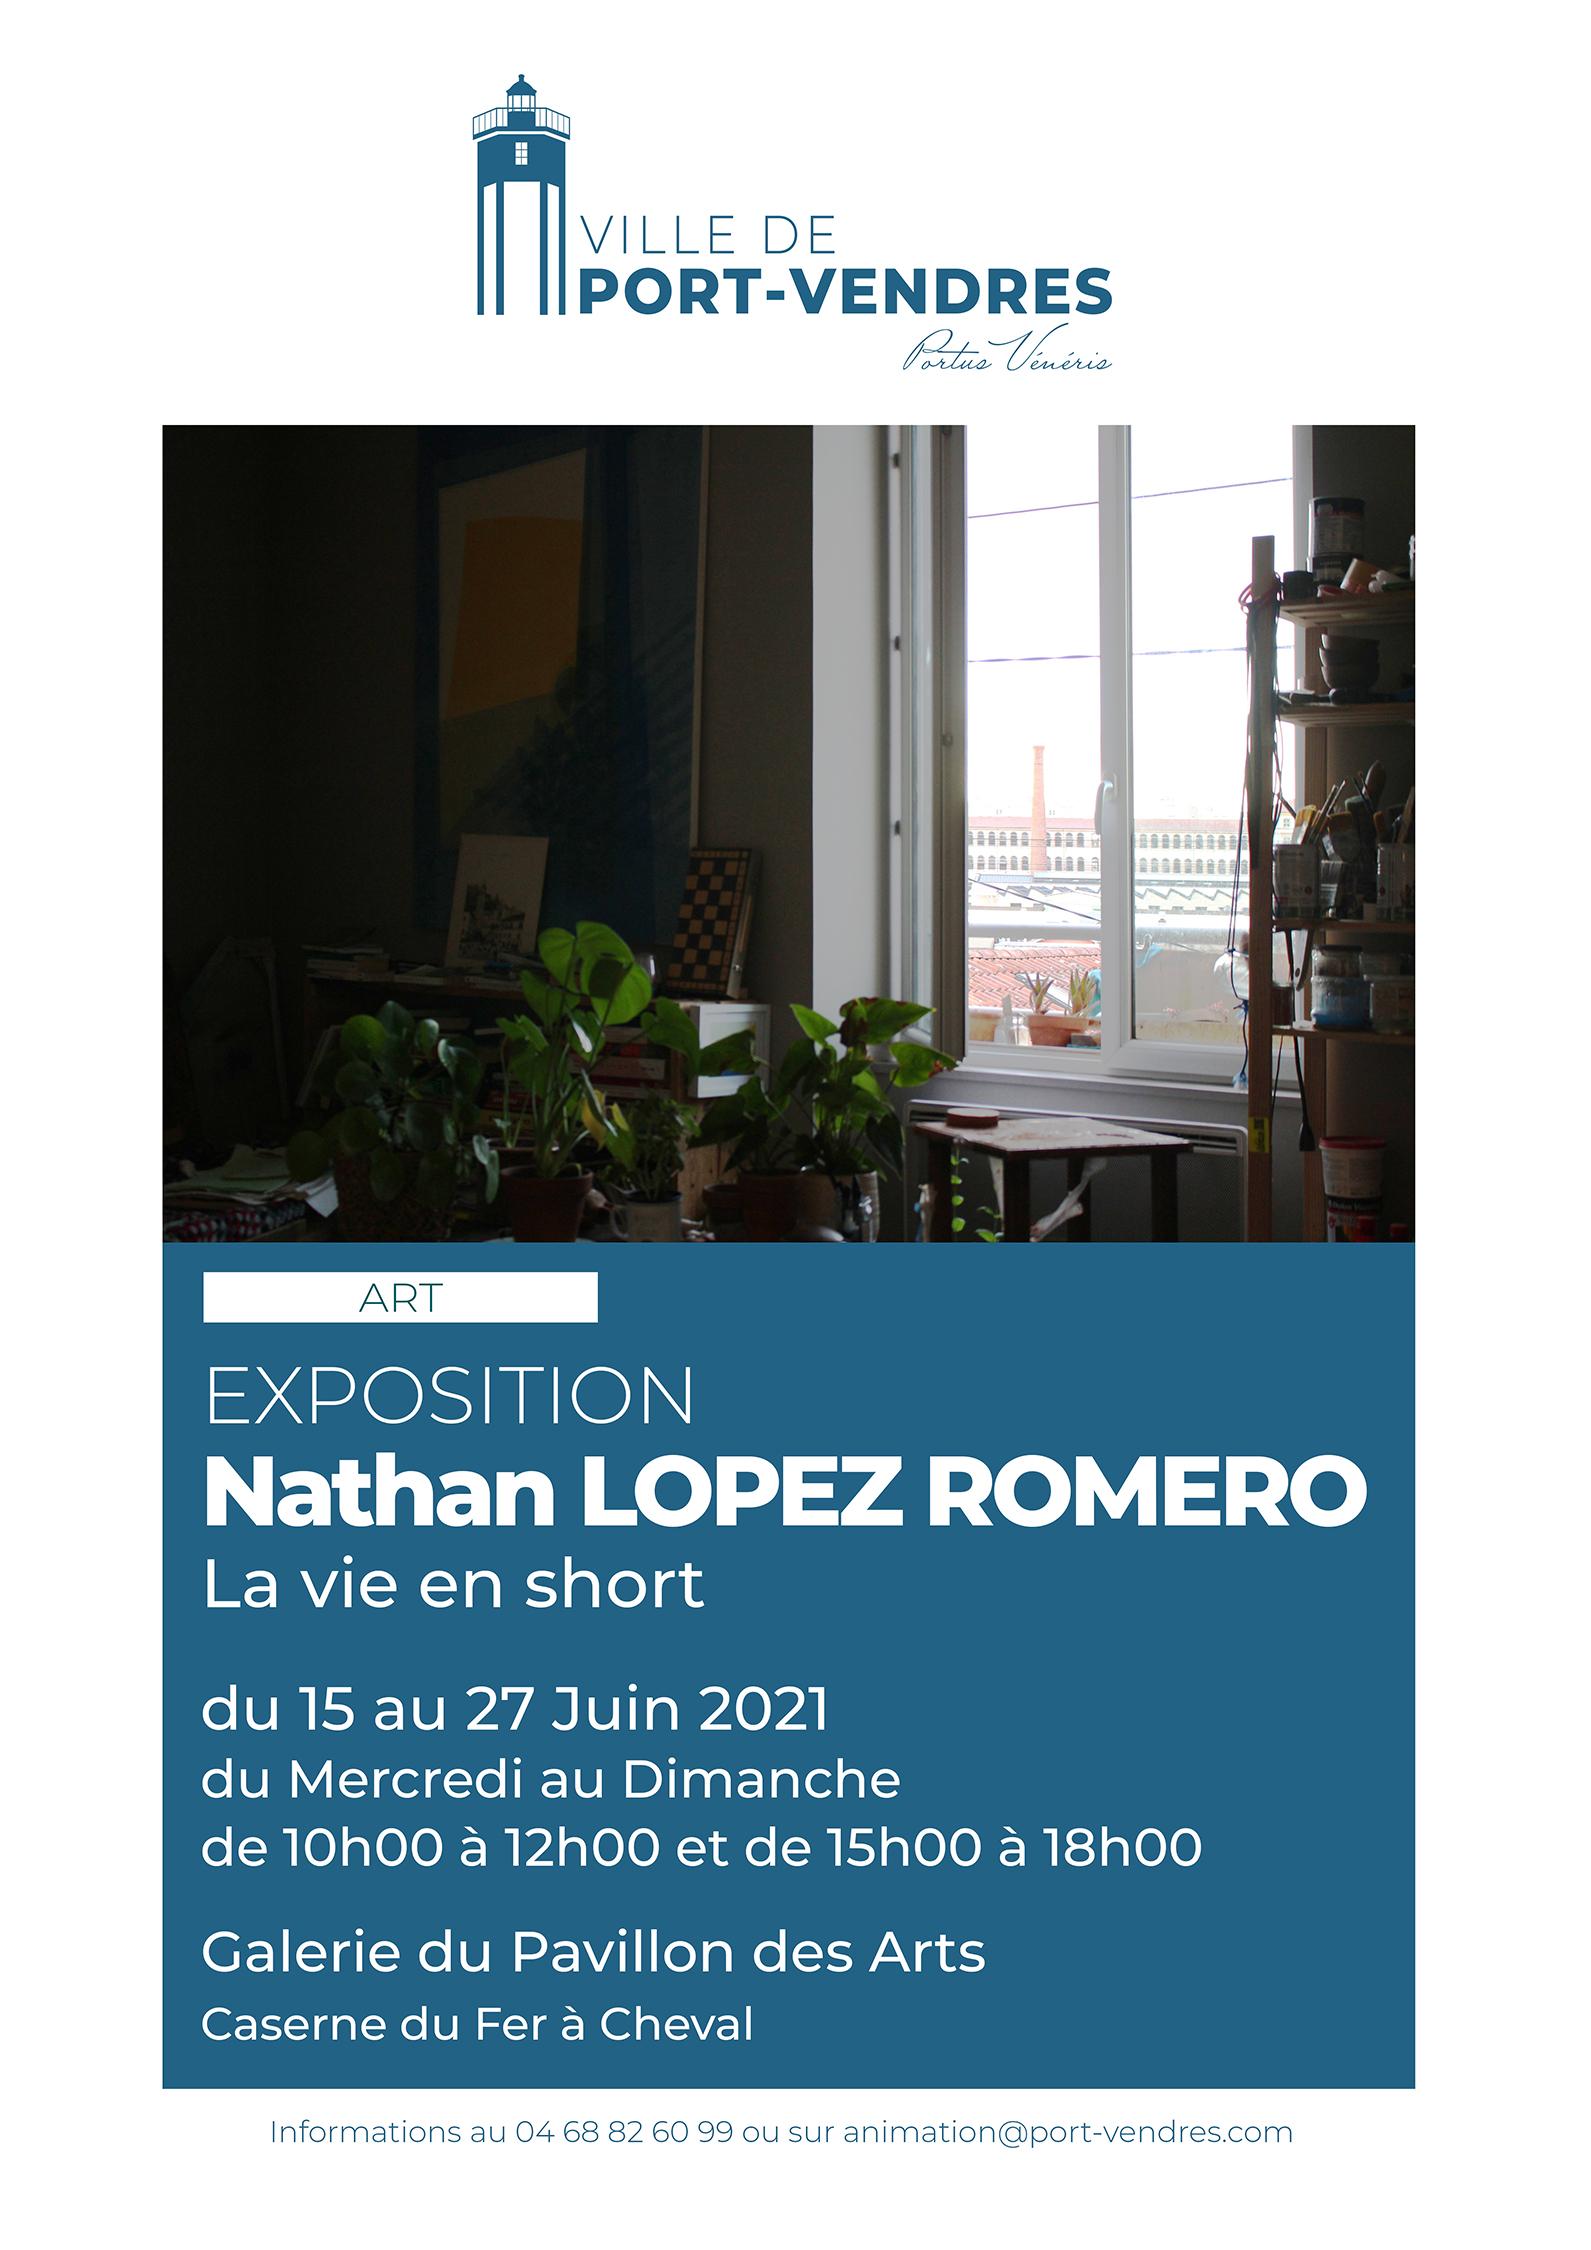 Exposition Nathan Lopez Romero Copie